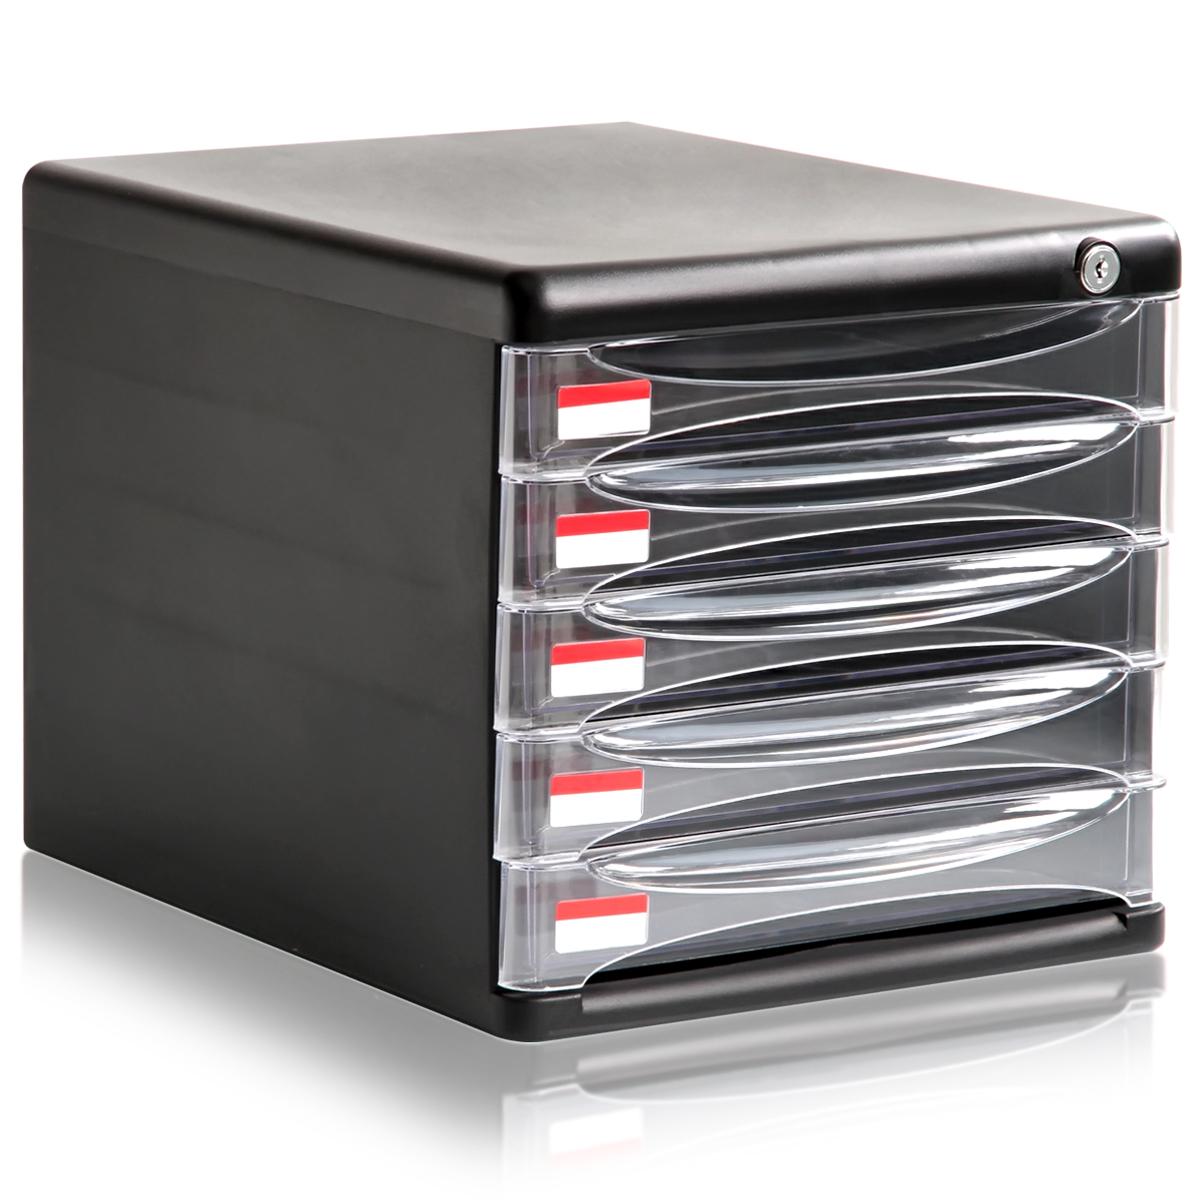 得力 9795 五层 透明抽屉 文件柜  带锁